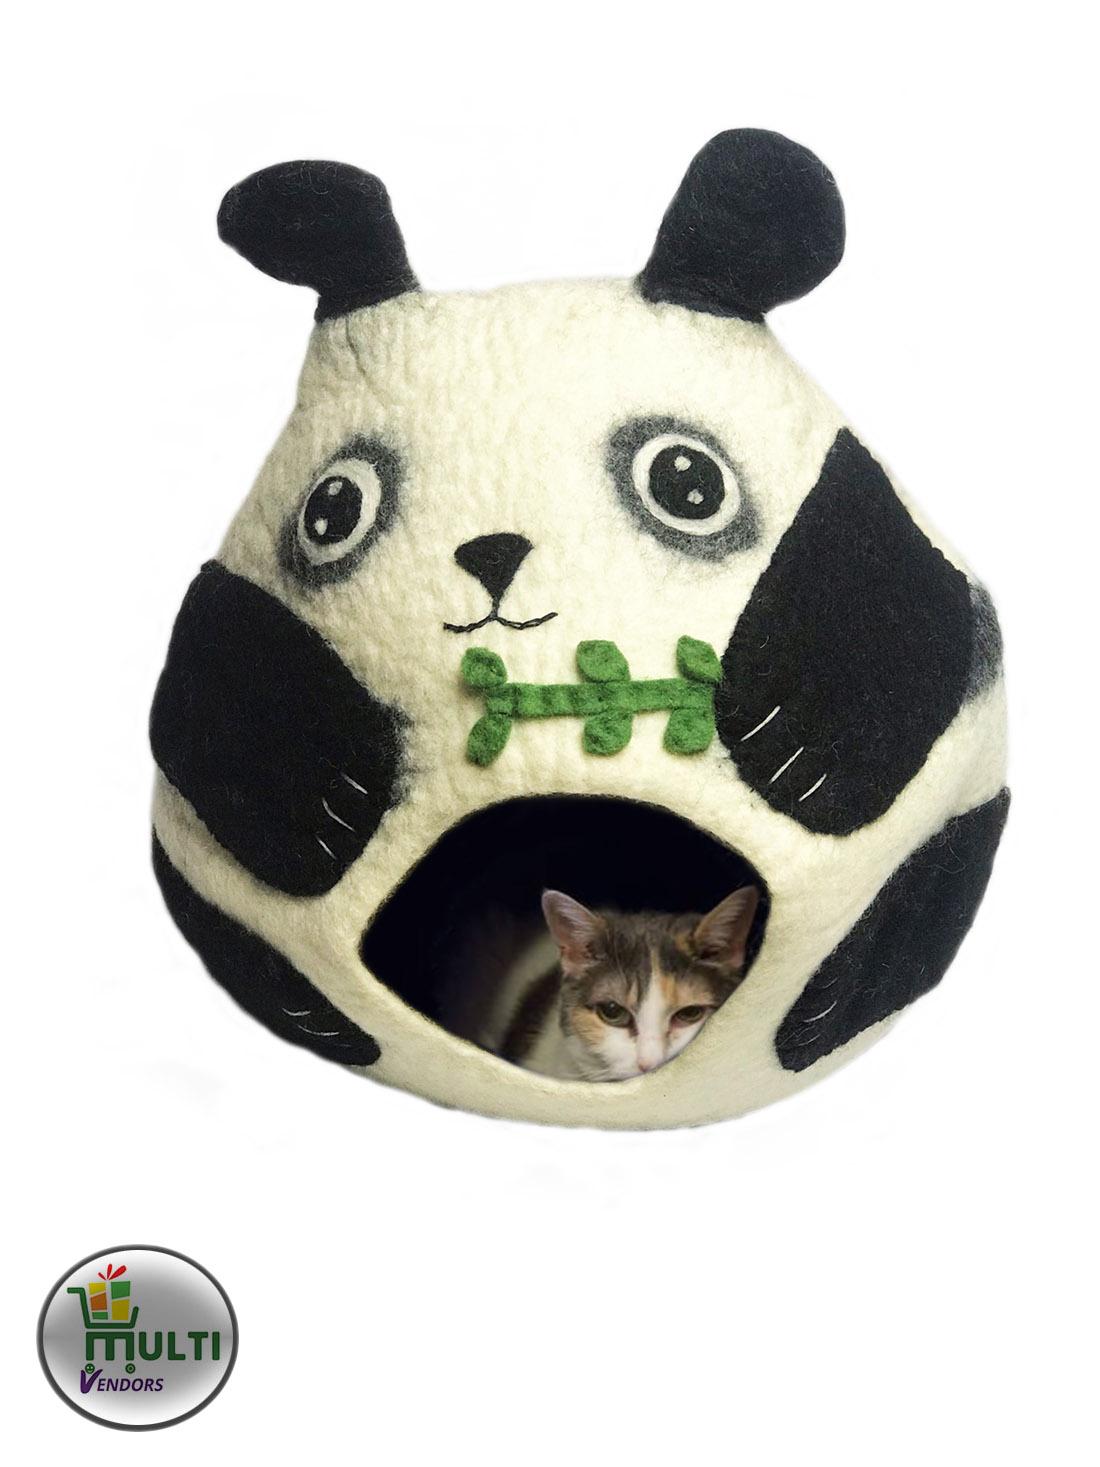 MVSEB-105-Panda Design